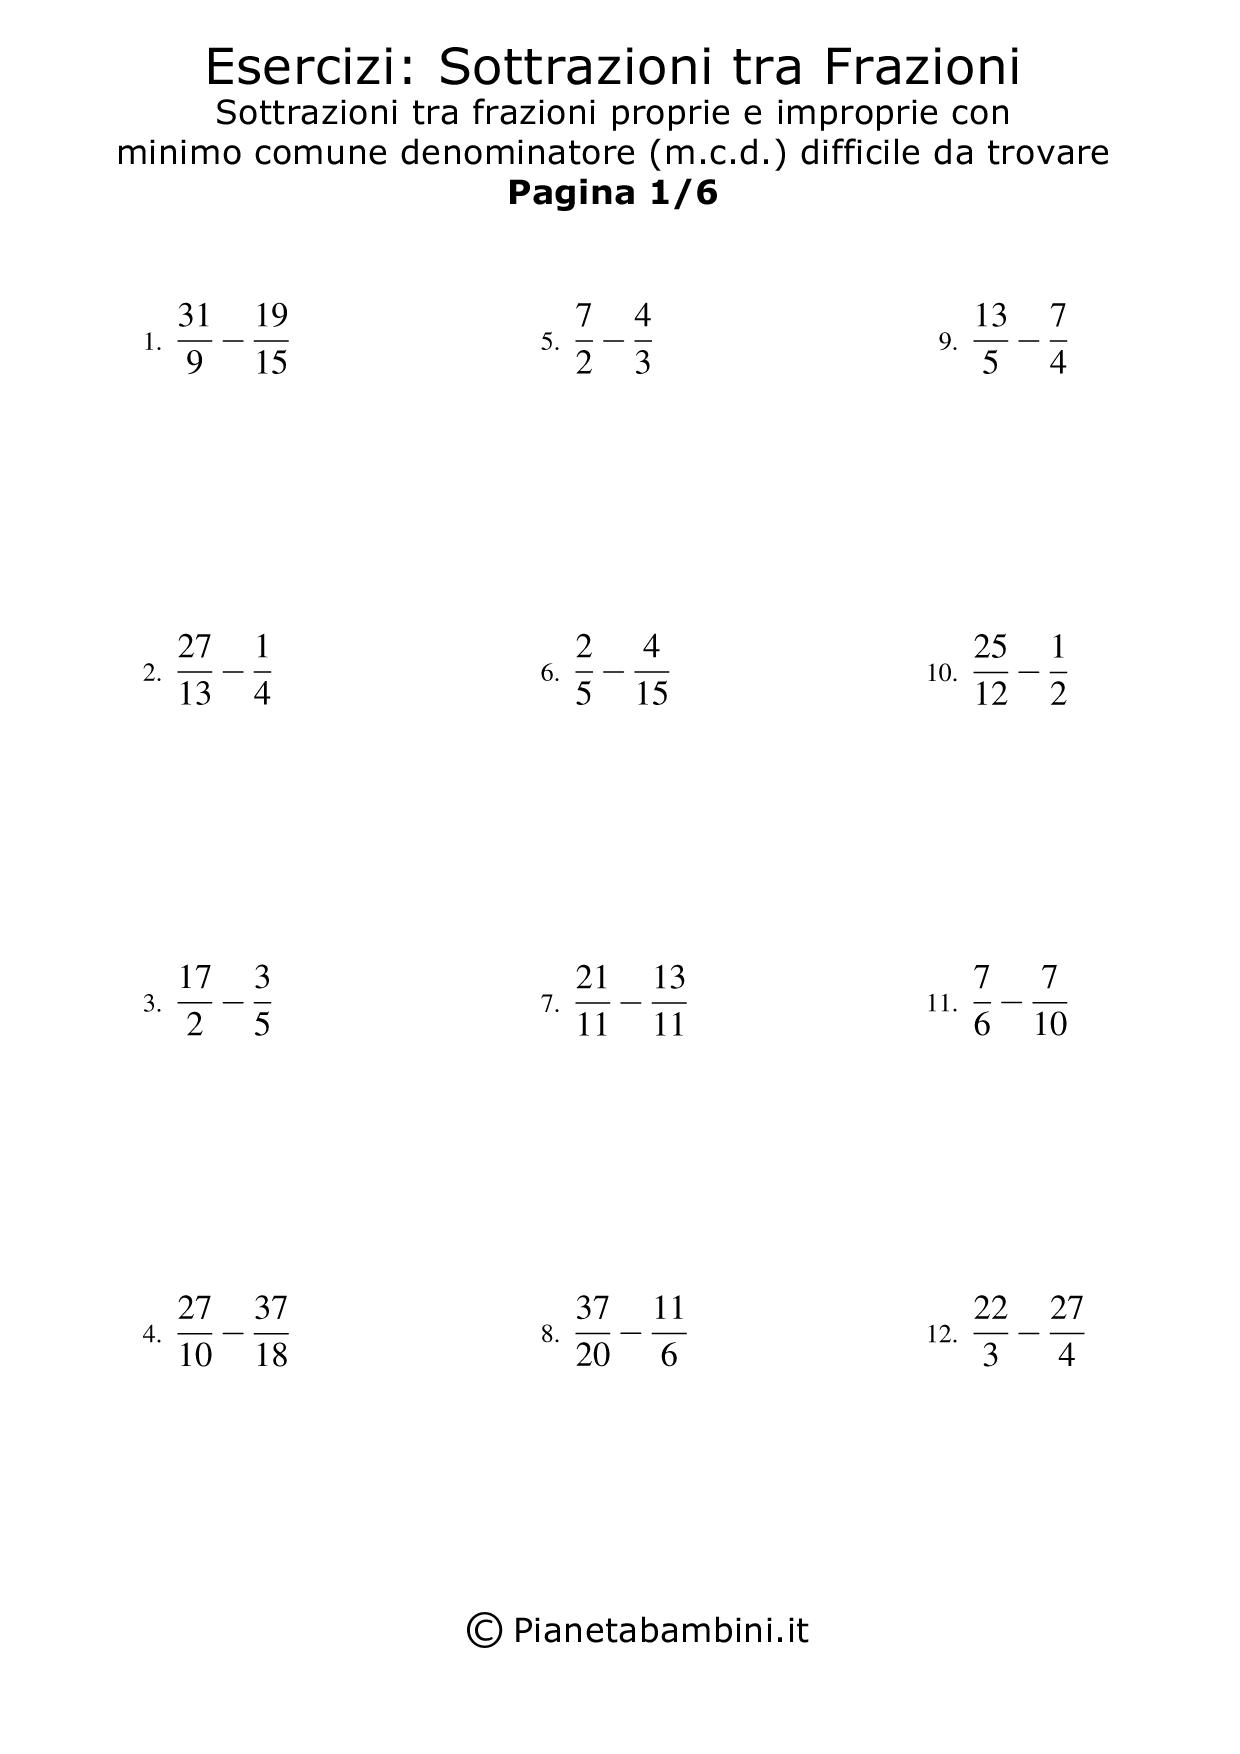 Sottrazioni-Frazioni-m.c.d.-Difficile_1